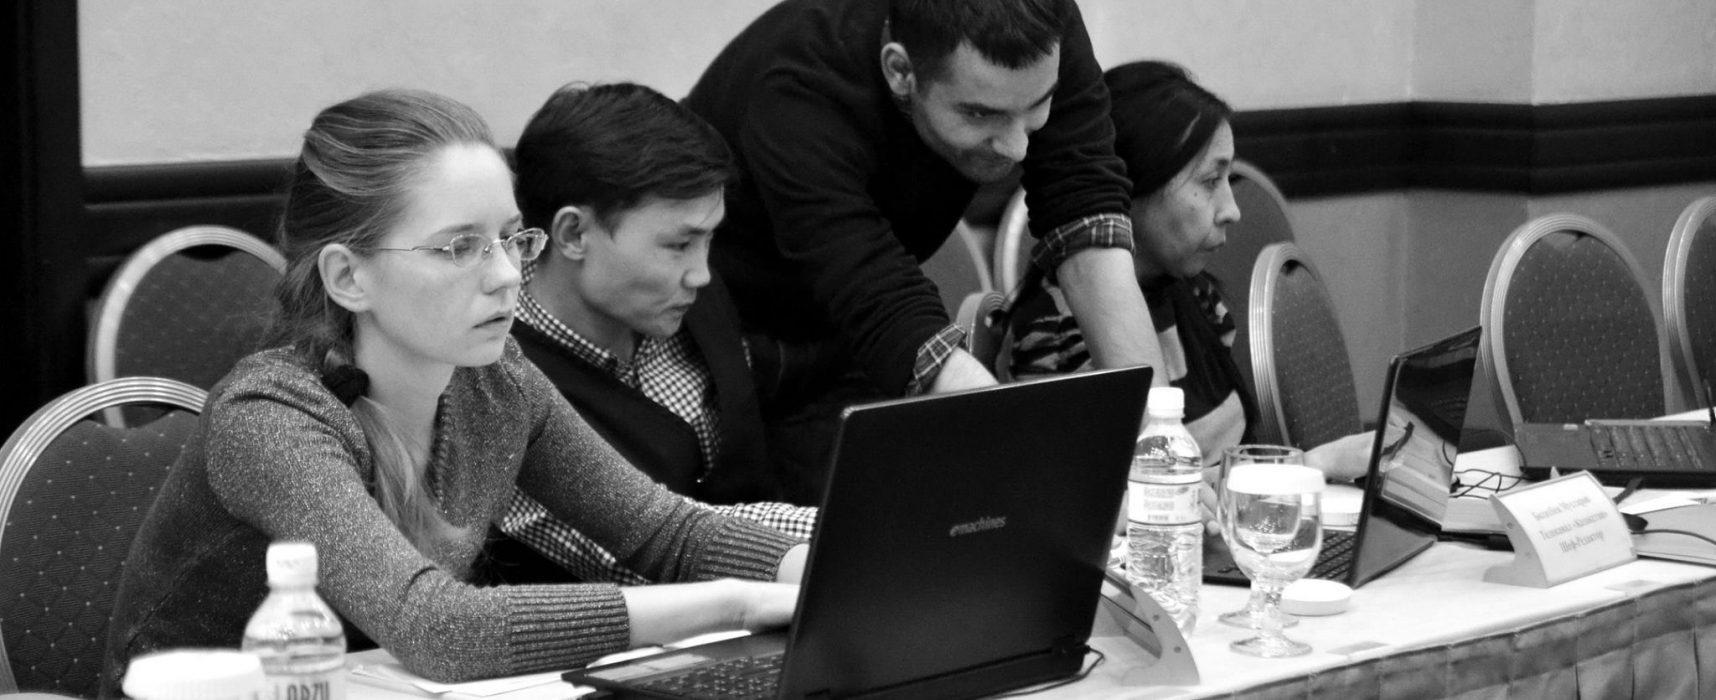 StopFake Trainer unterrichten Journalisten in Kazakhstan, Politiker aus Georgien und Aserbaidschan über Fact-checking und Kampf gegen Propaganda